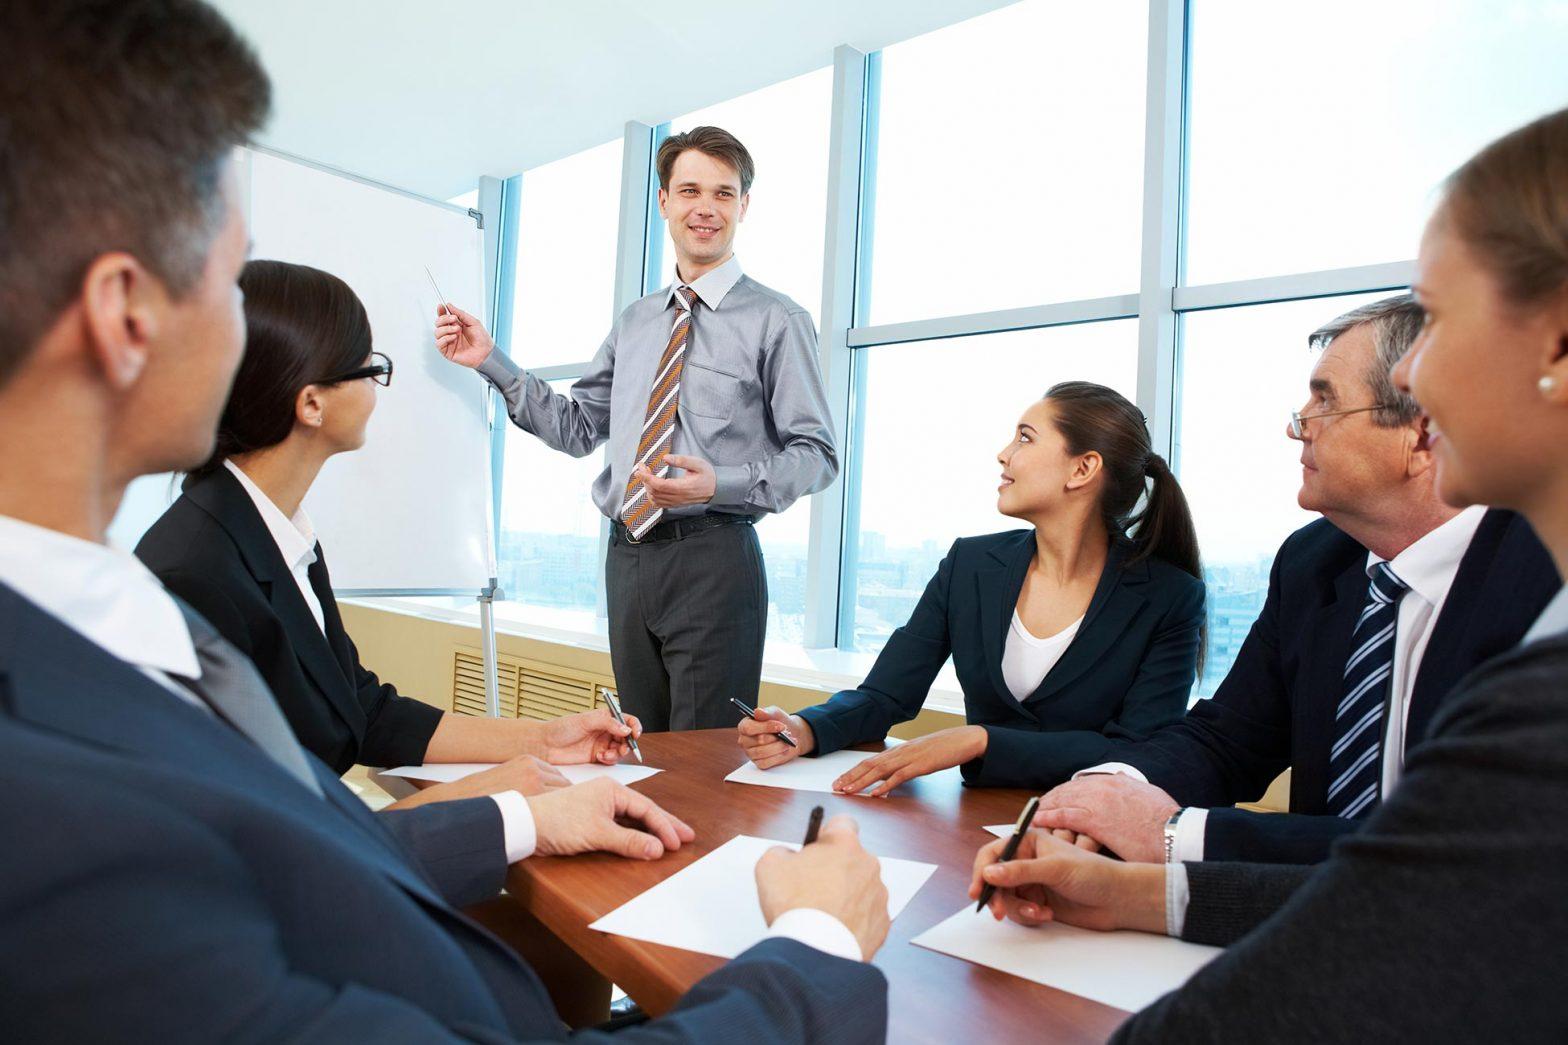 Prise de fonction managériale, comment réussir ?